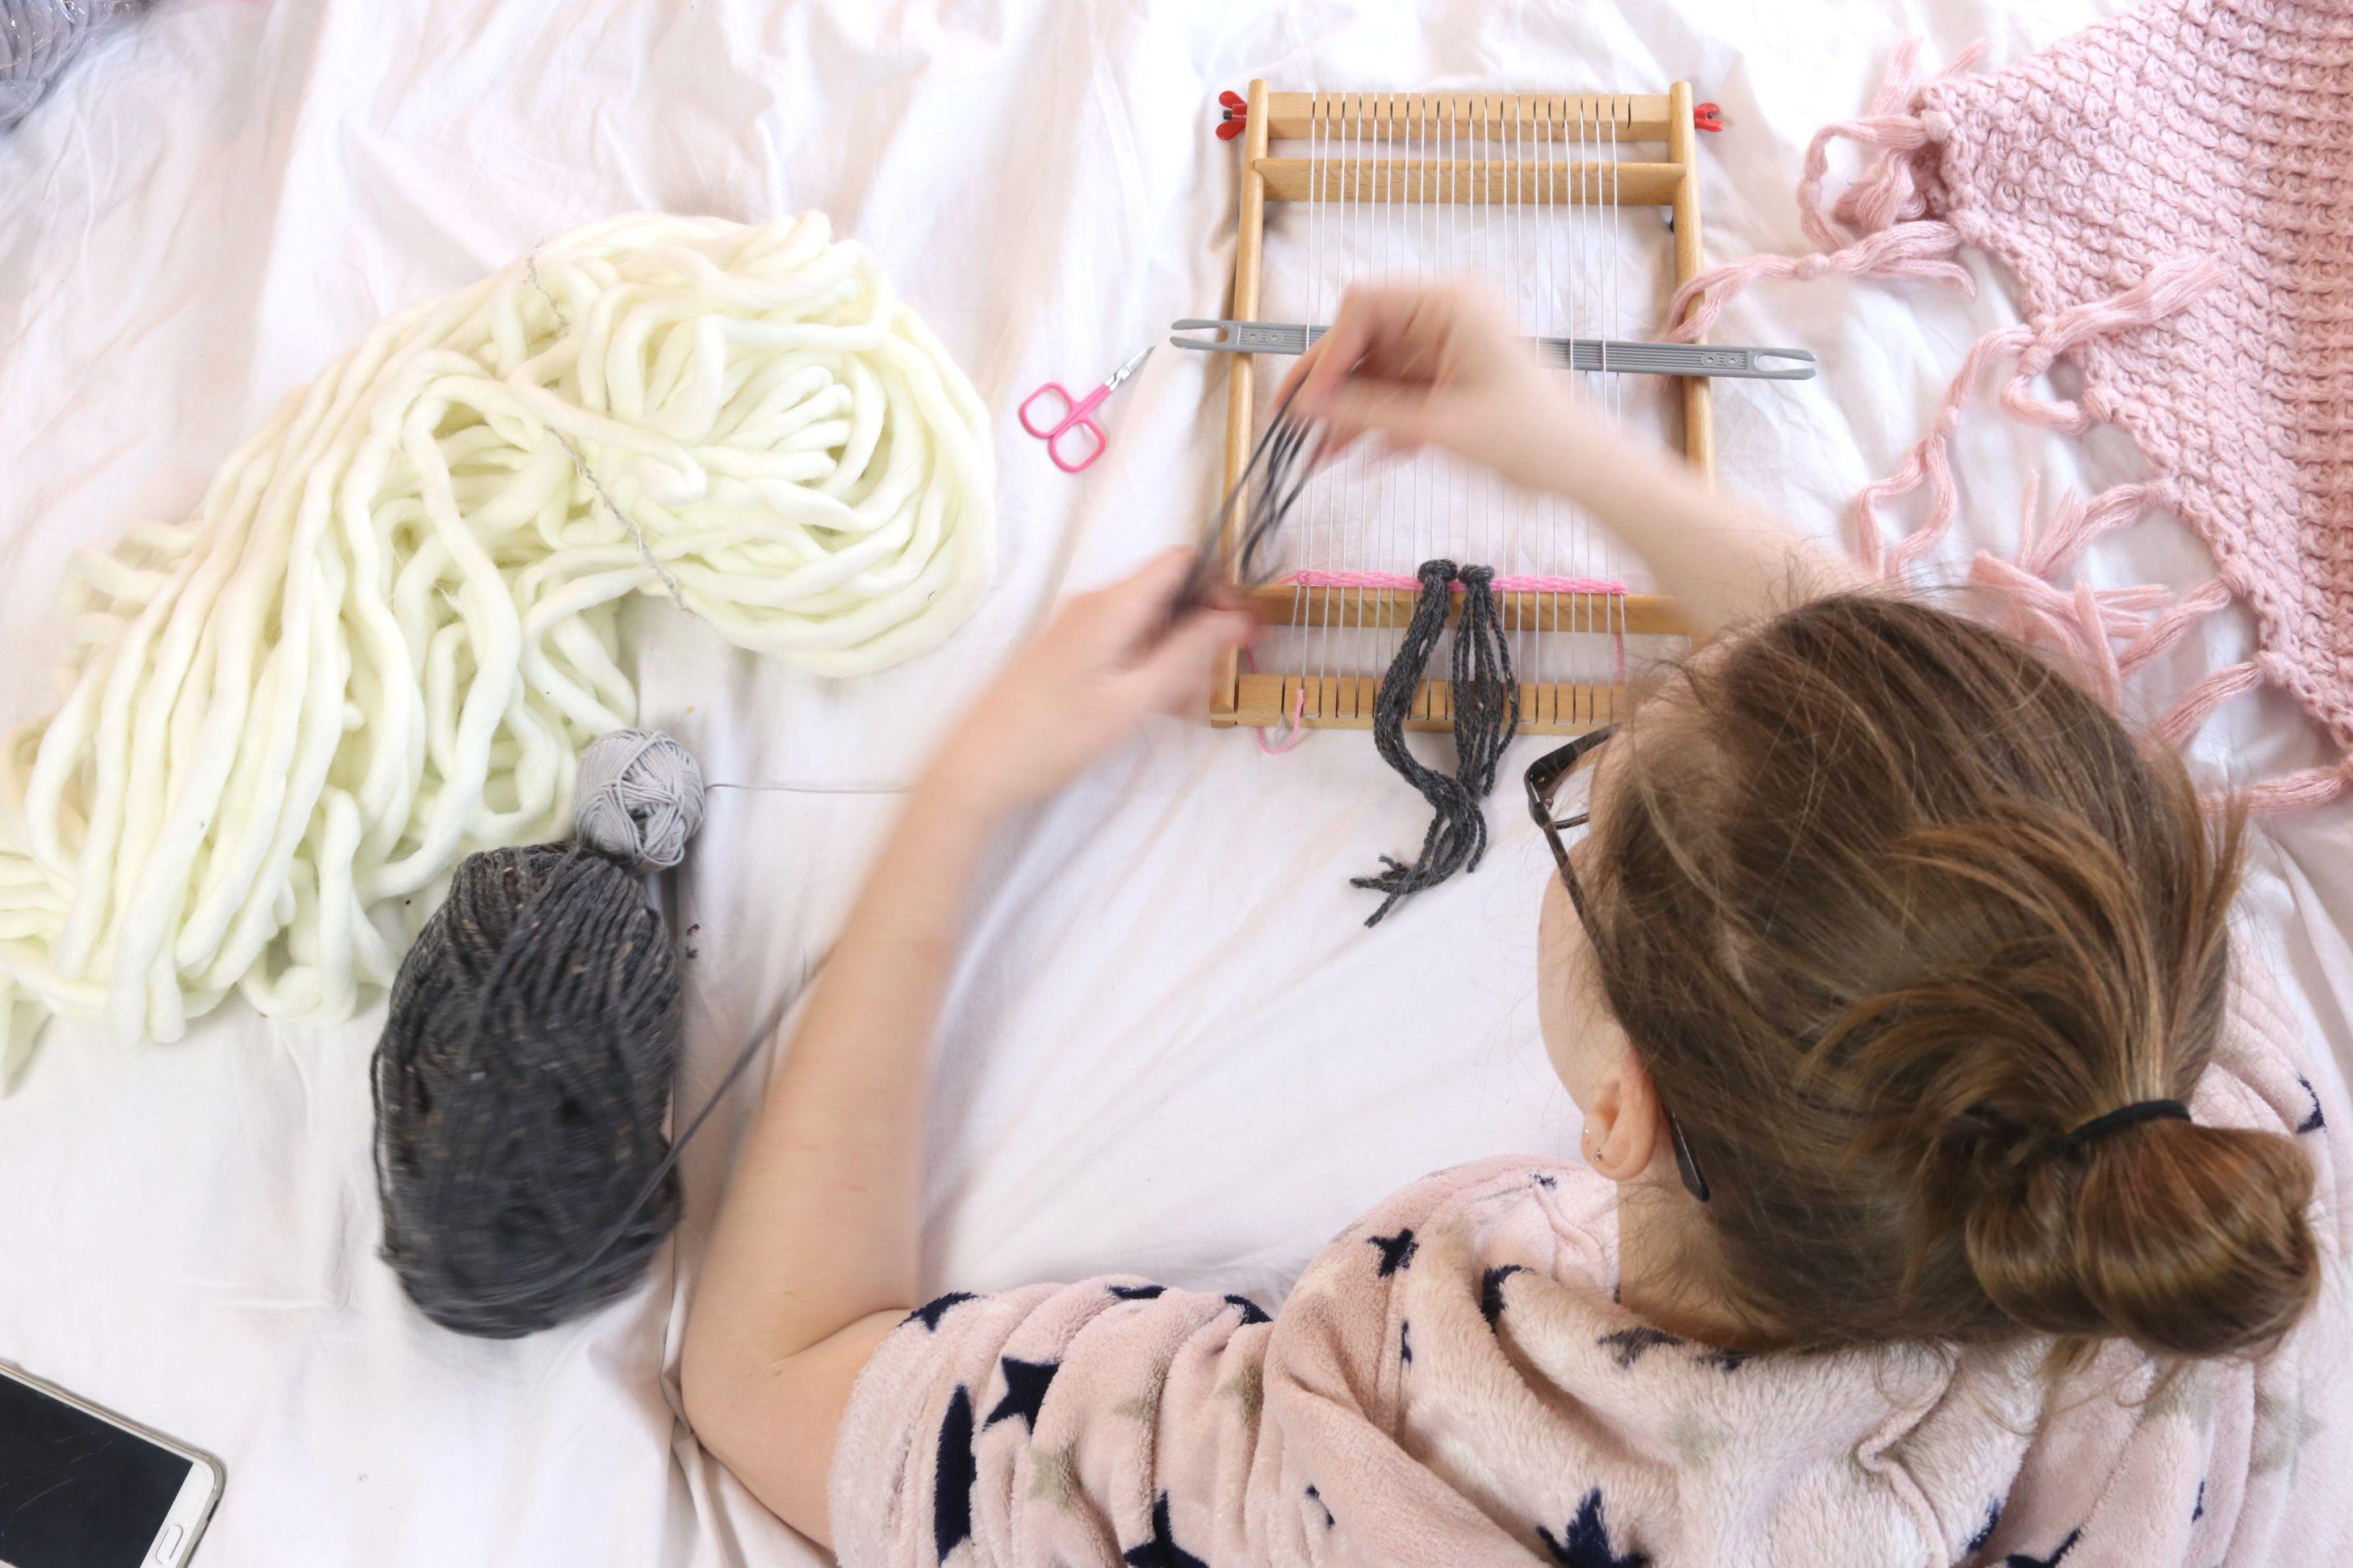 weven, wandkleedje weven, wandkleed weven, weefrek, weef rek, DIY weven,